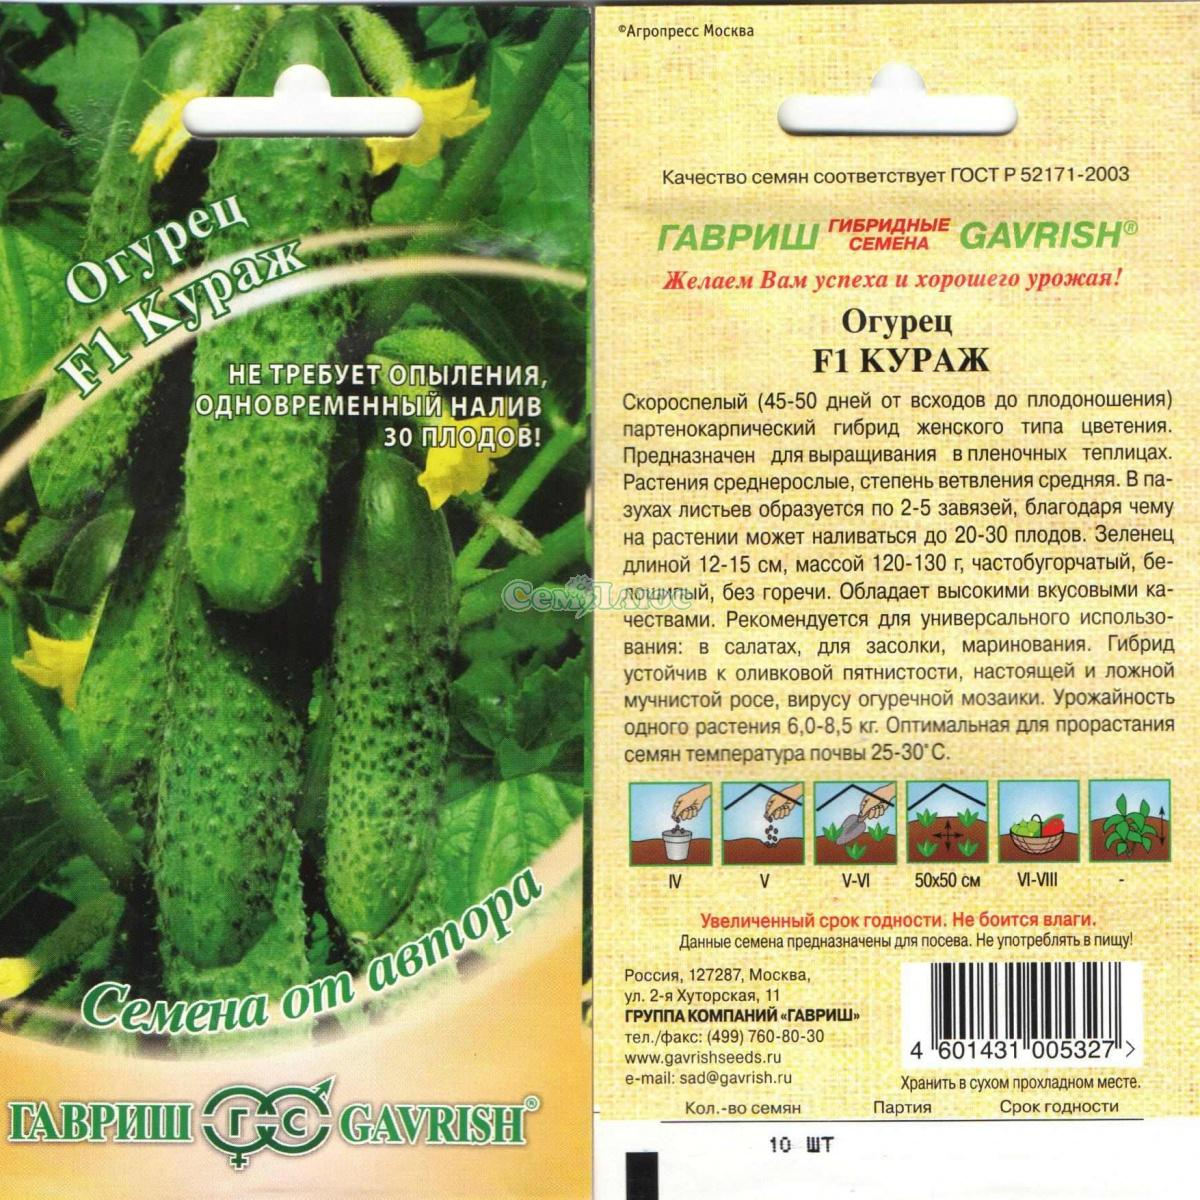 Огурец драгун f1 — описание и характеристика сорта